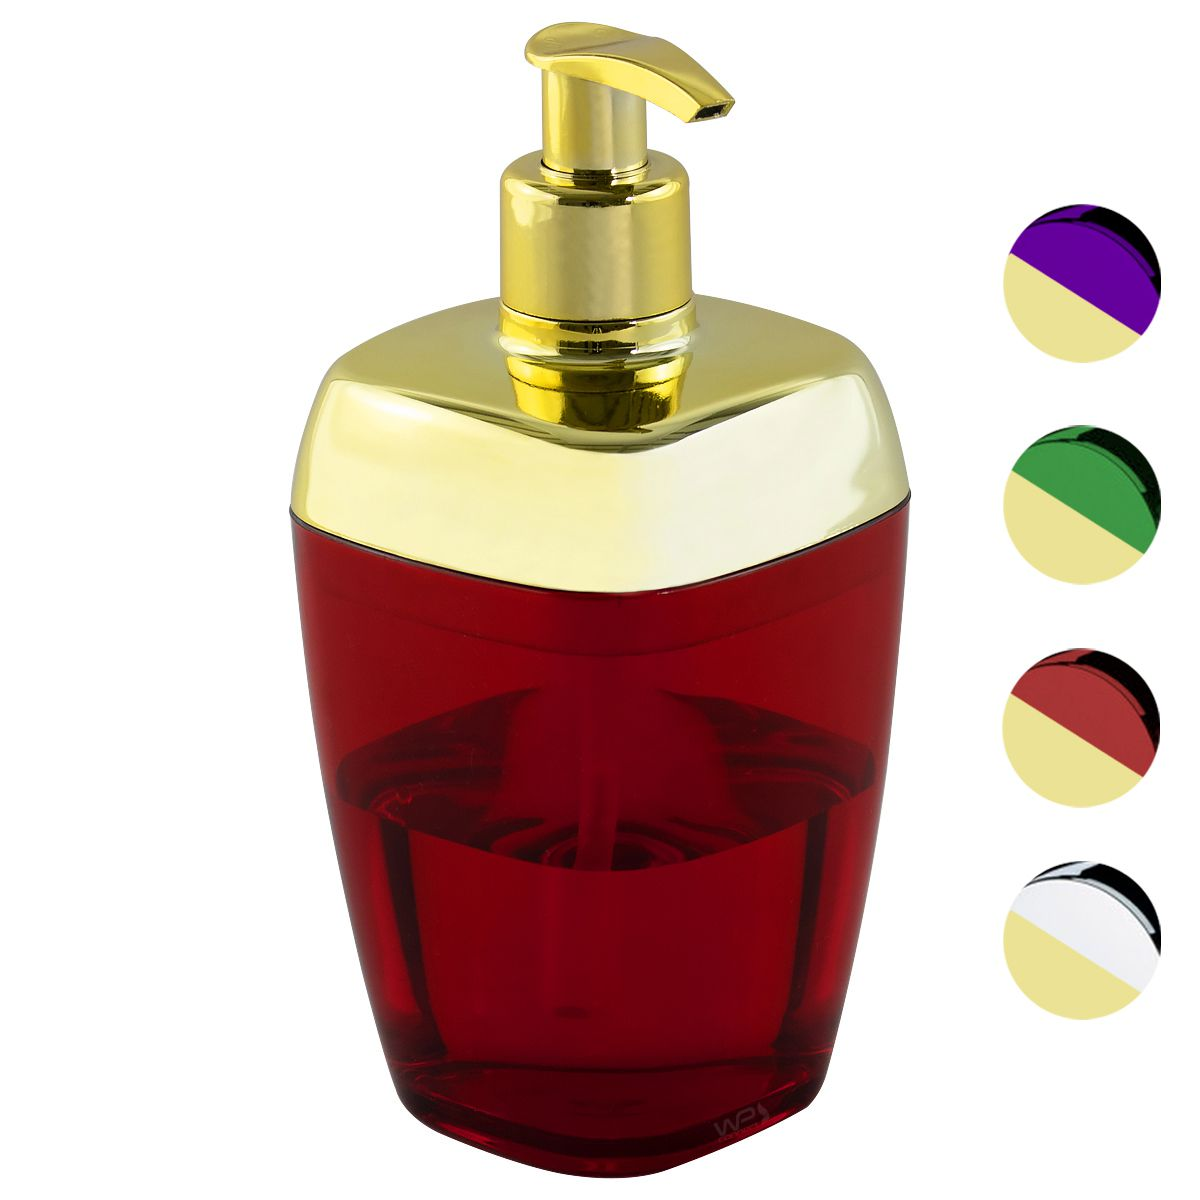 Porta Sabonete Líquido Translúcido Dourado Banheiro